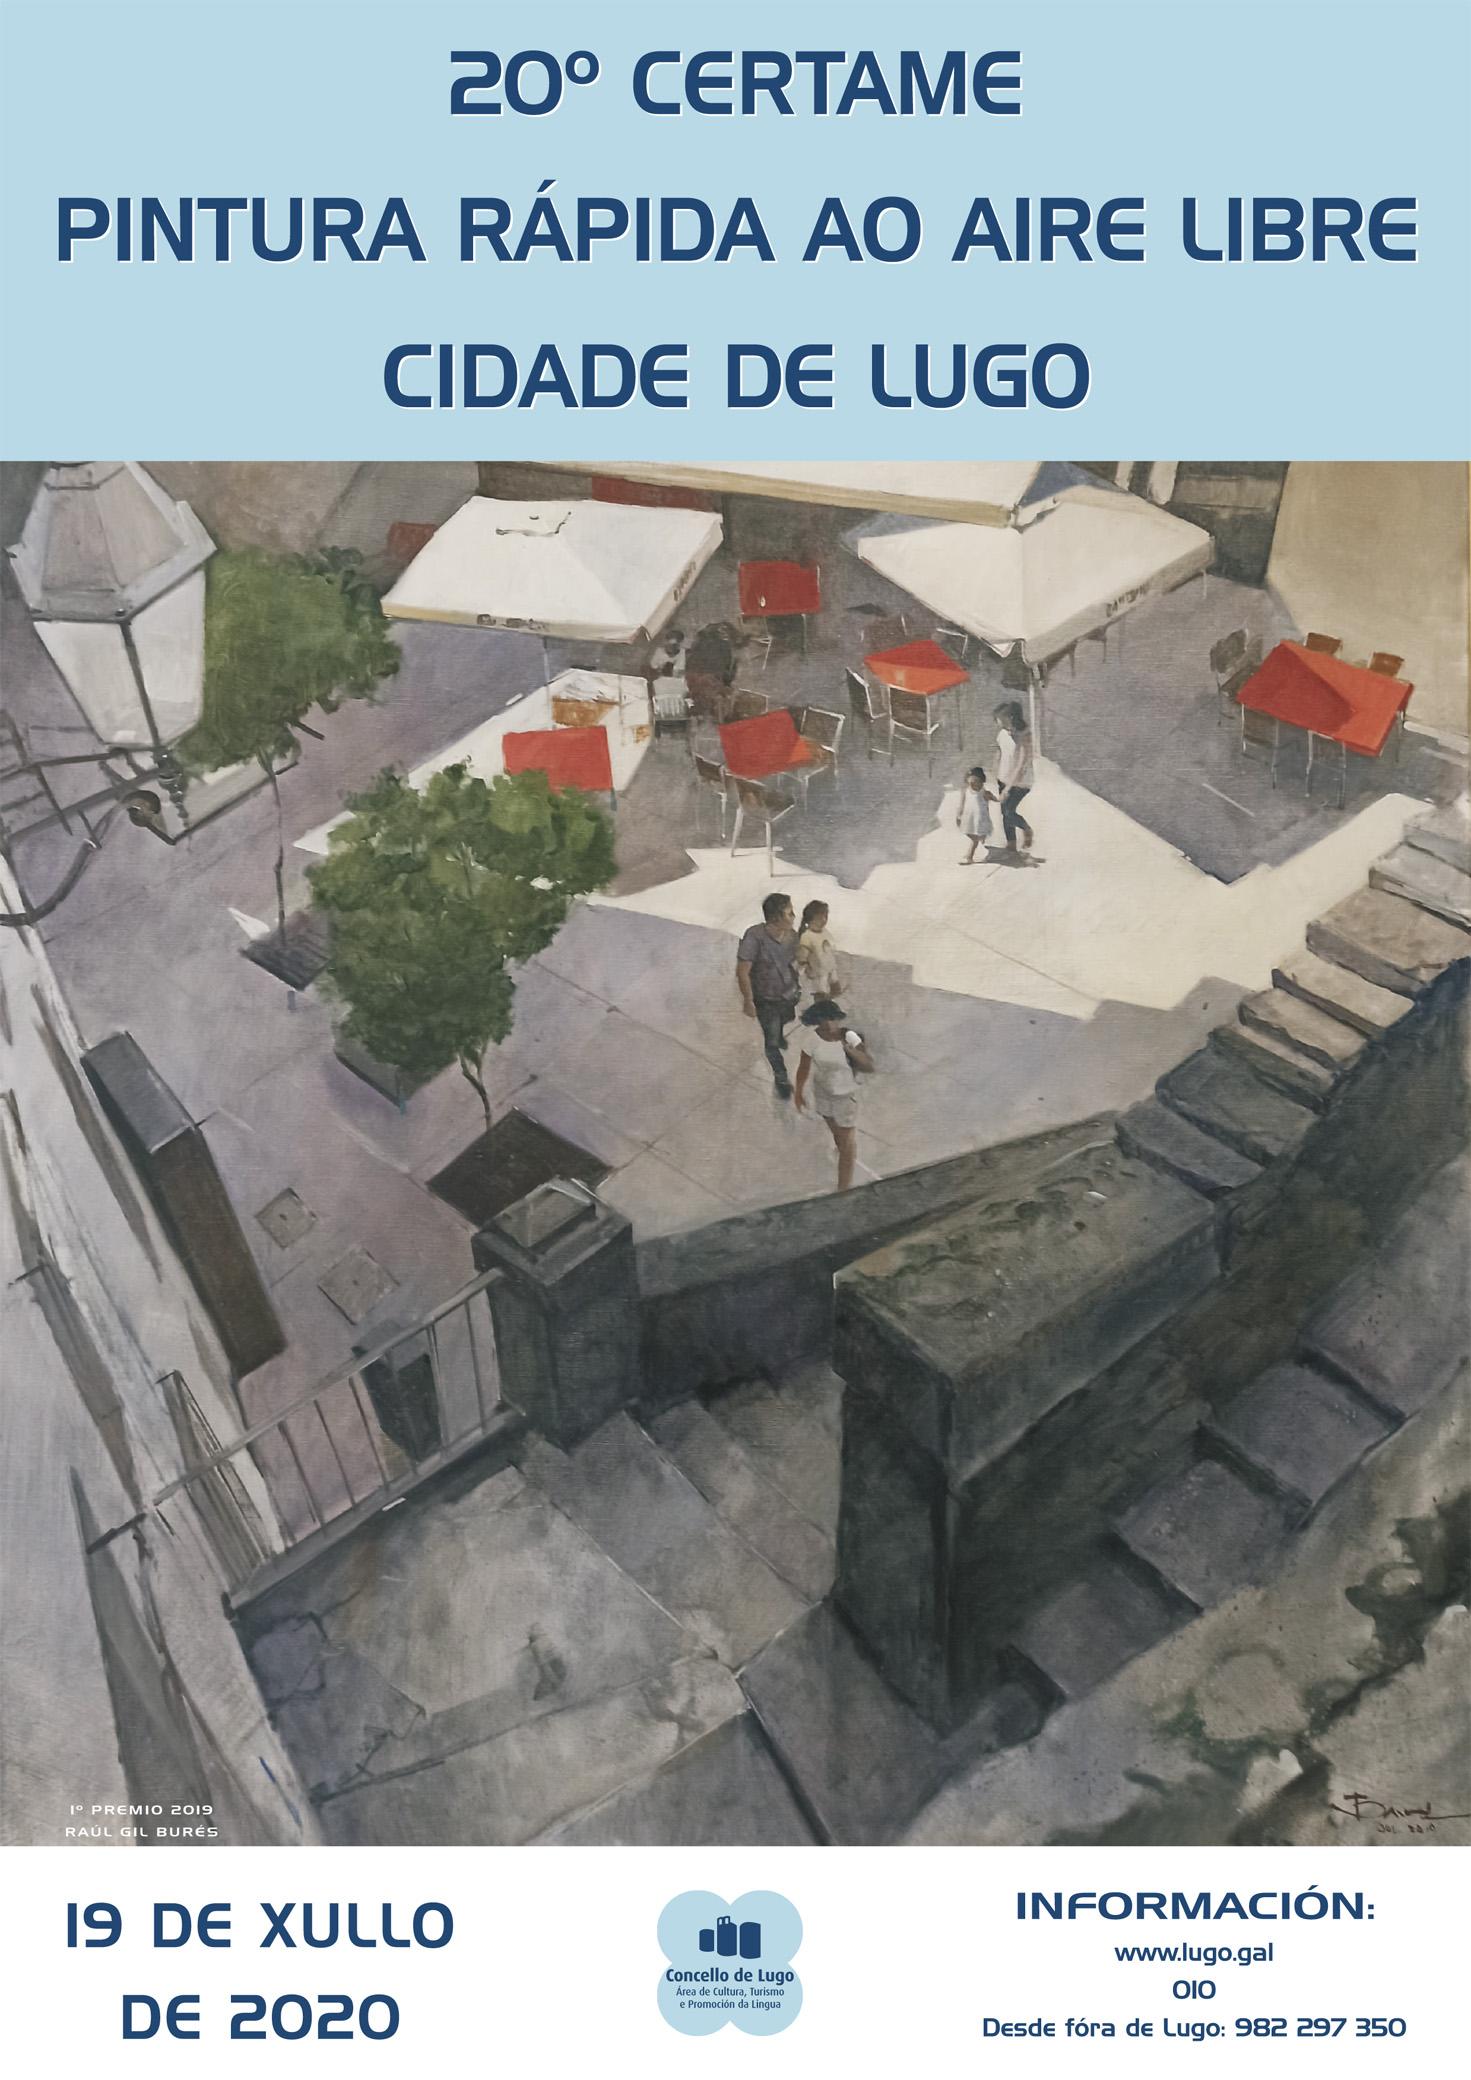 20º certame de pintura rápida ao aire libre Cidade de Lugo